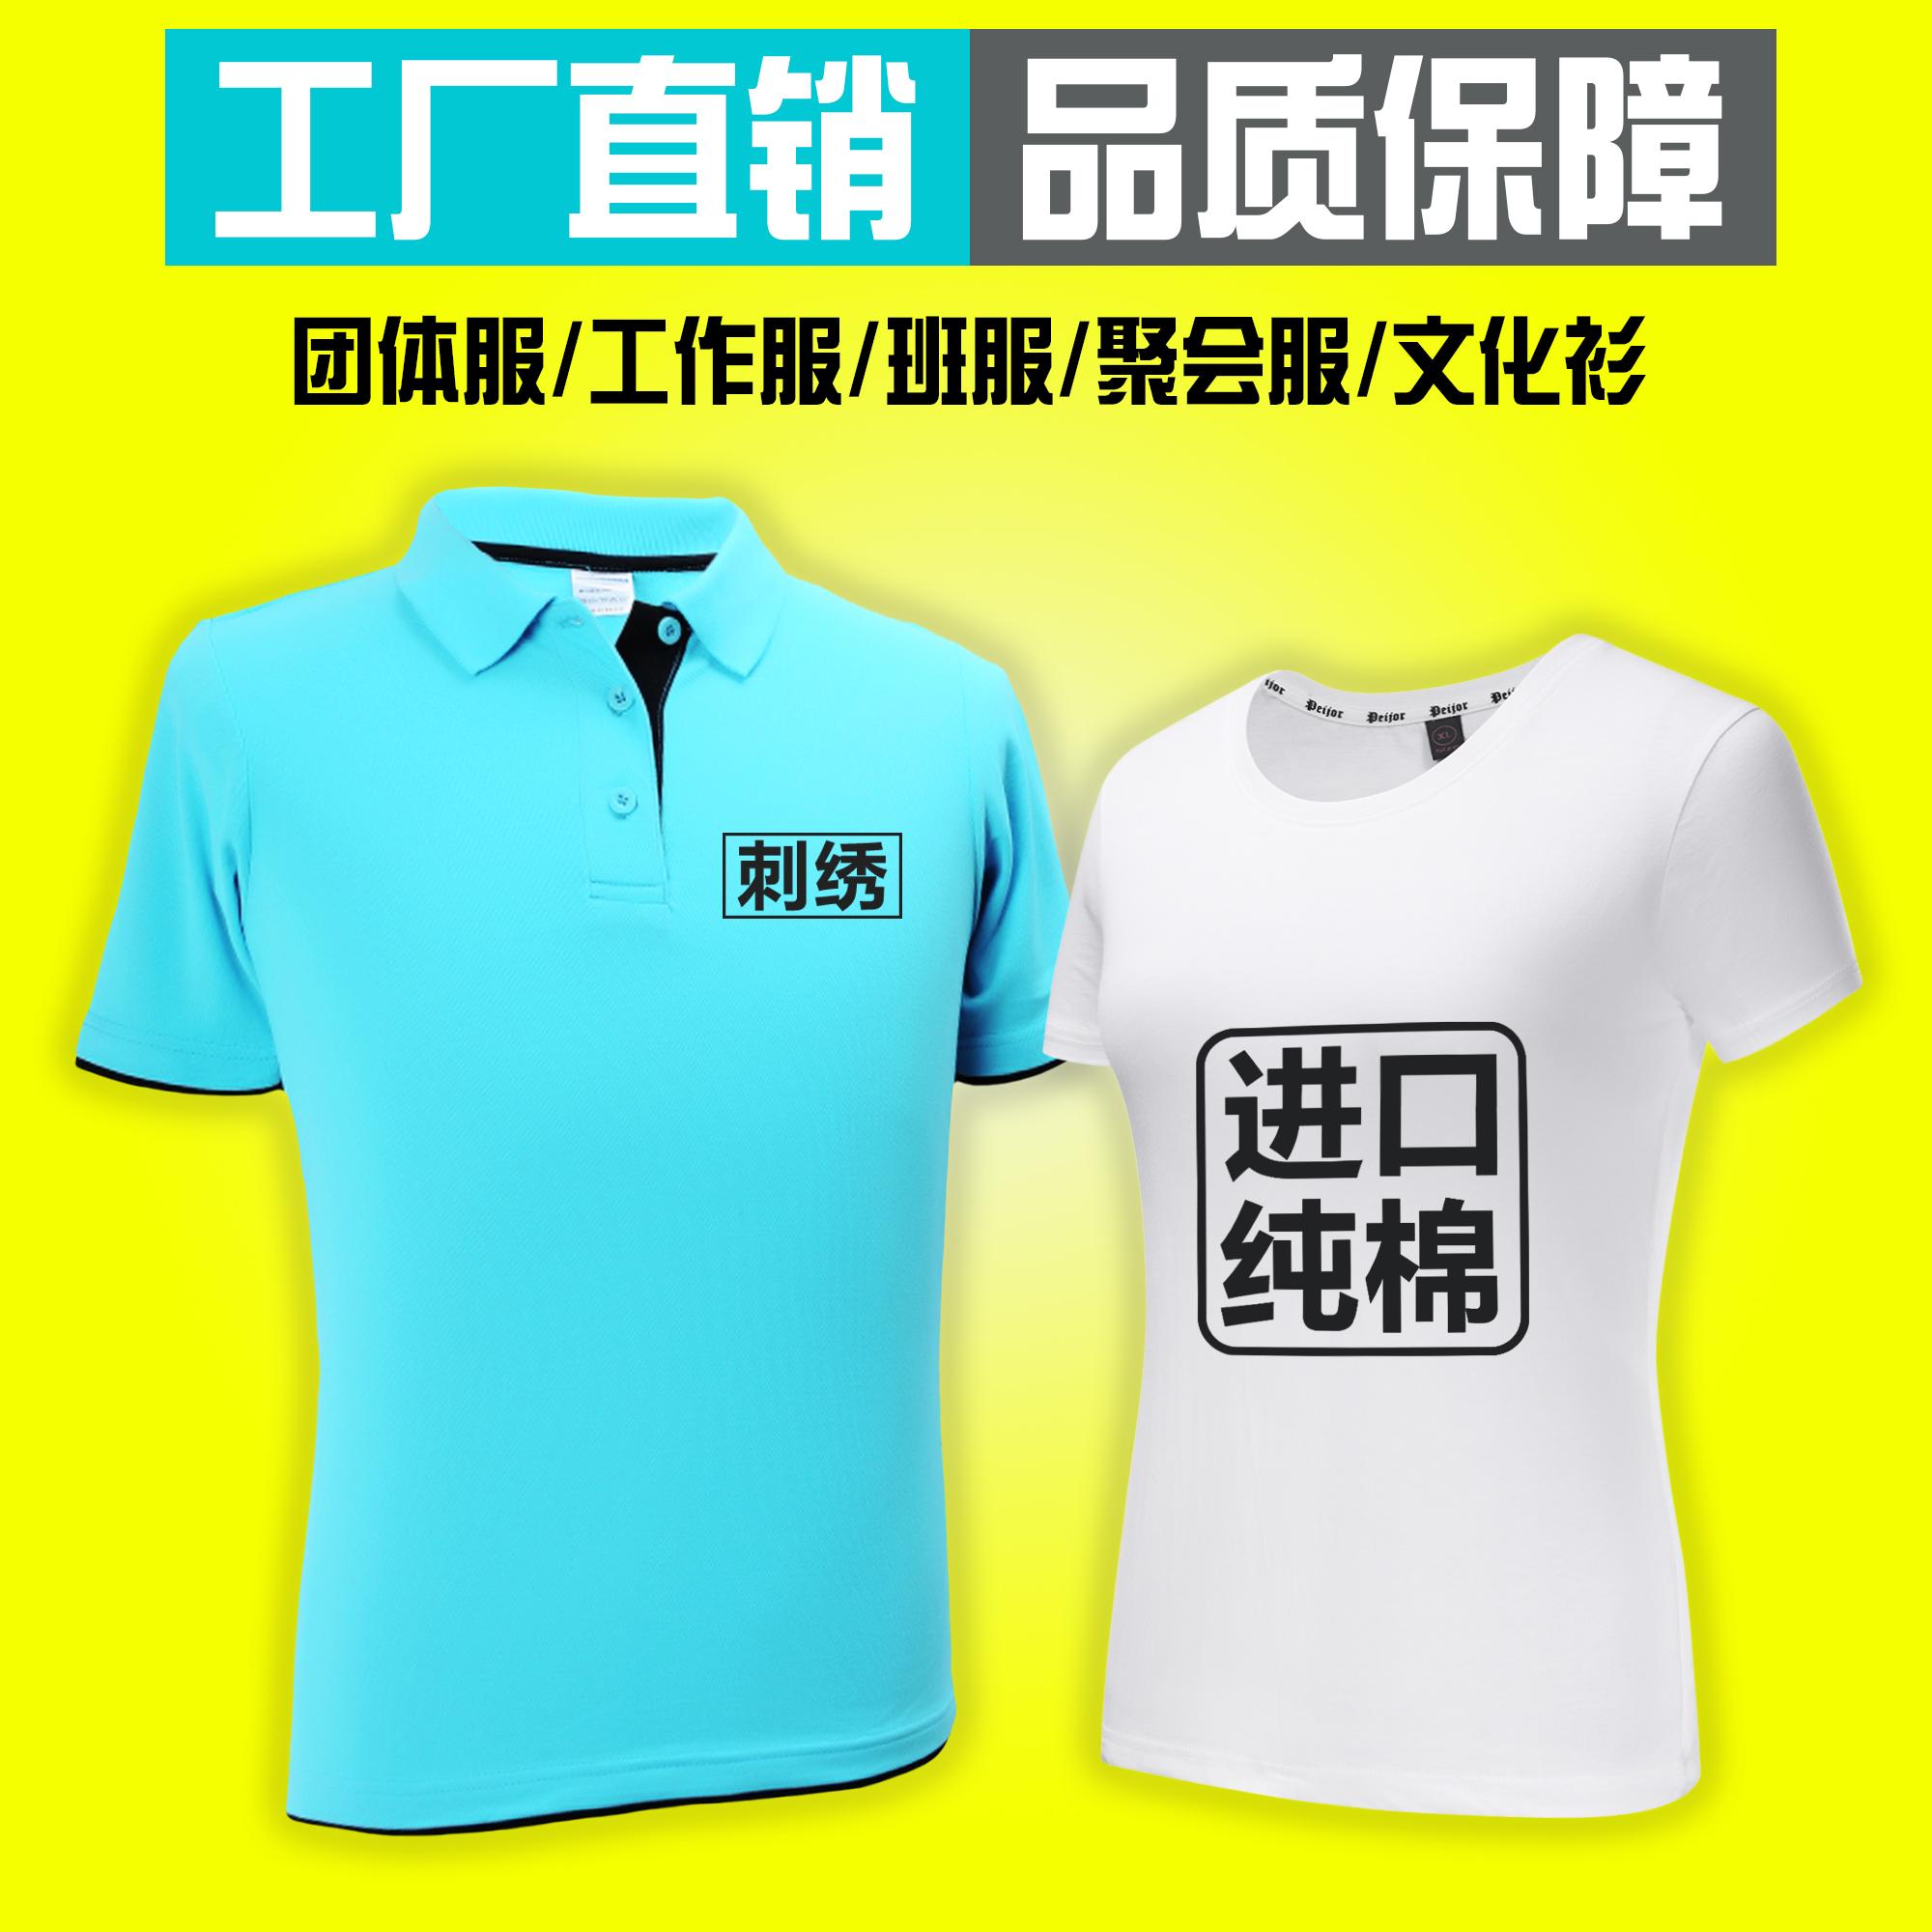 Сделанный на заказ t футболки культура из реклама polo рубашка работа одежда diy короткий рукав хлопок класс обслуживания работа одежда стандарт печать logo слово